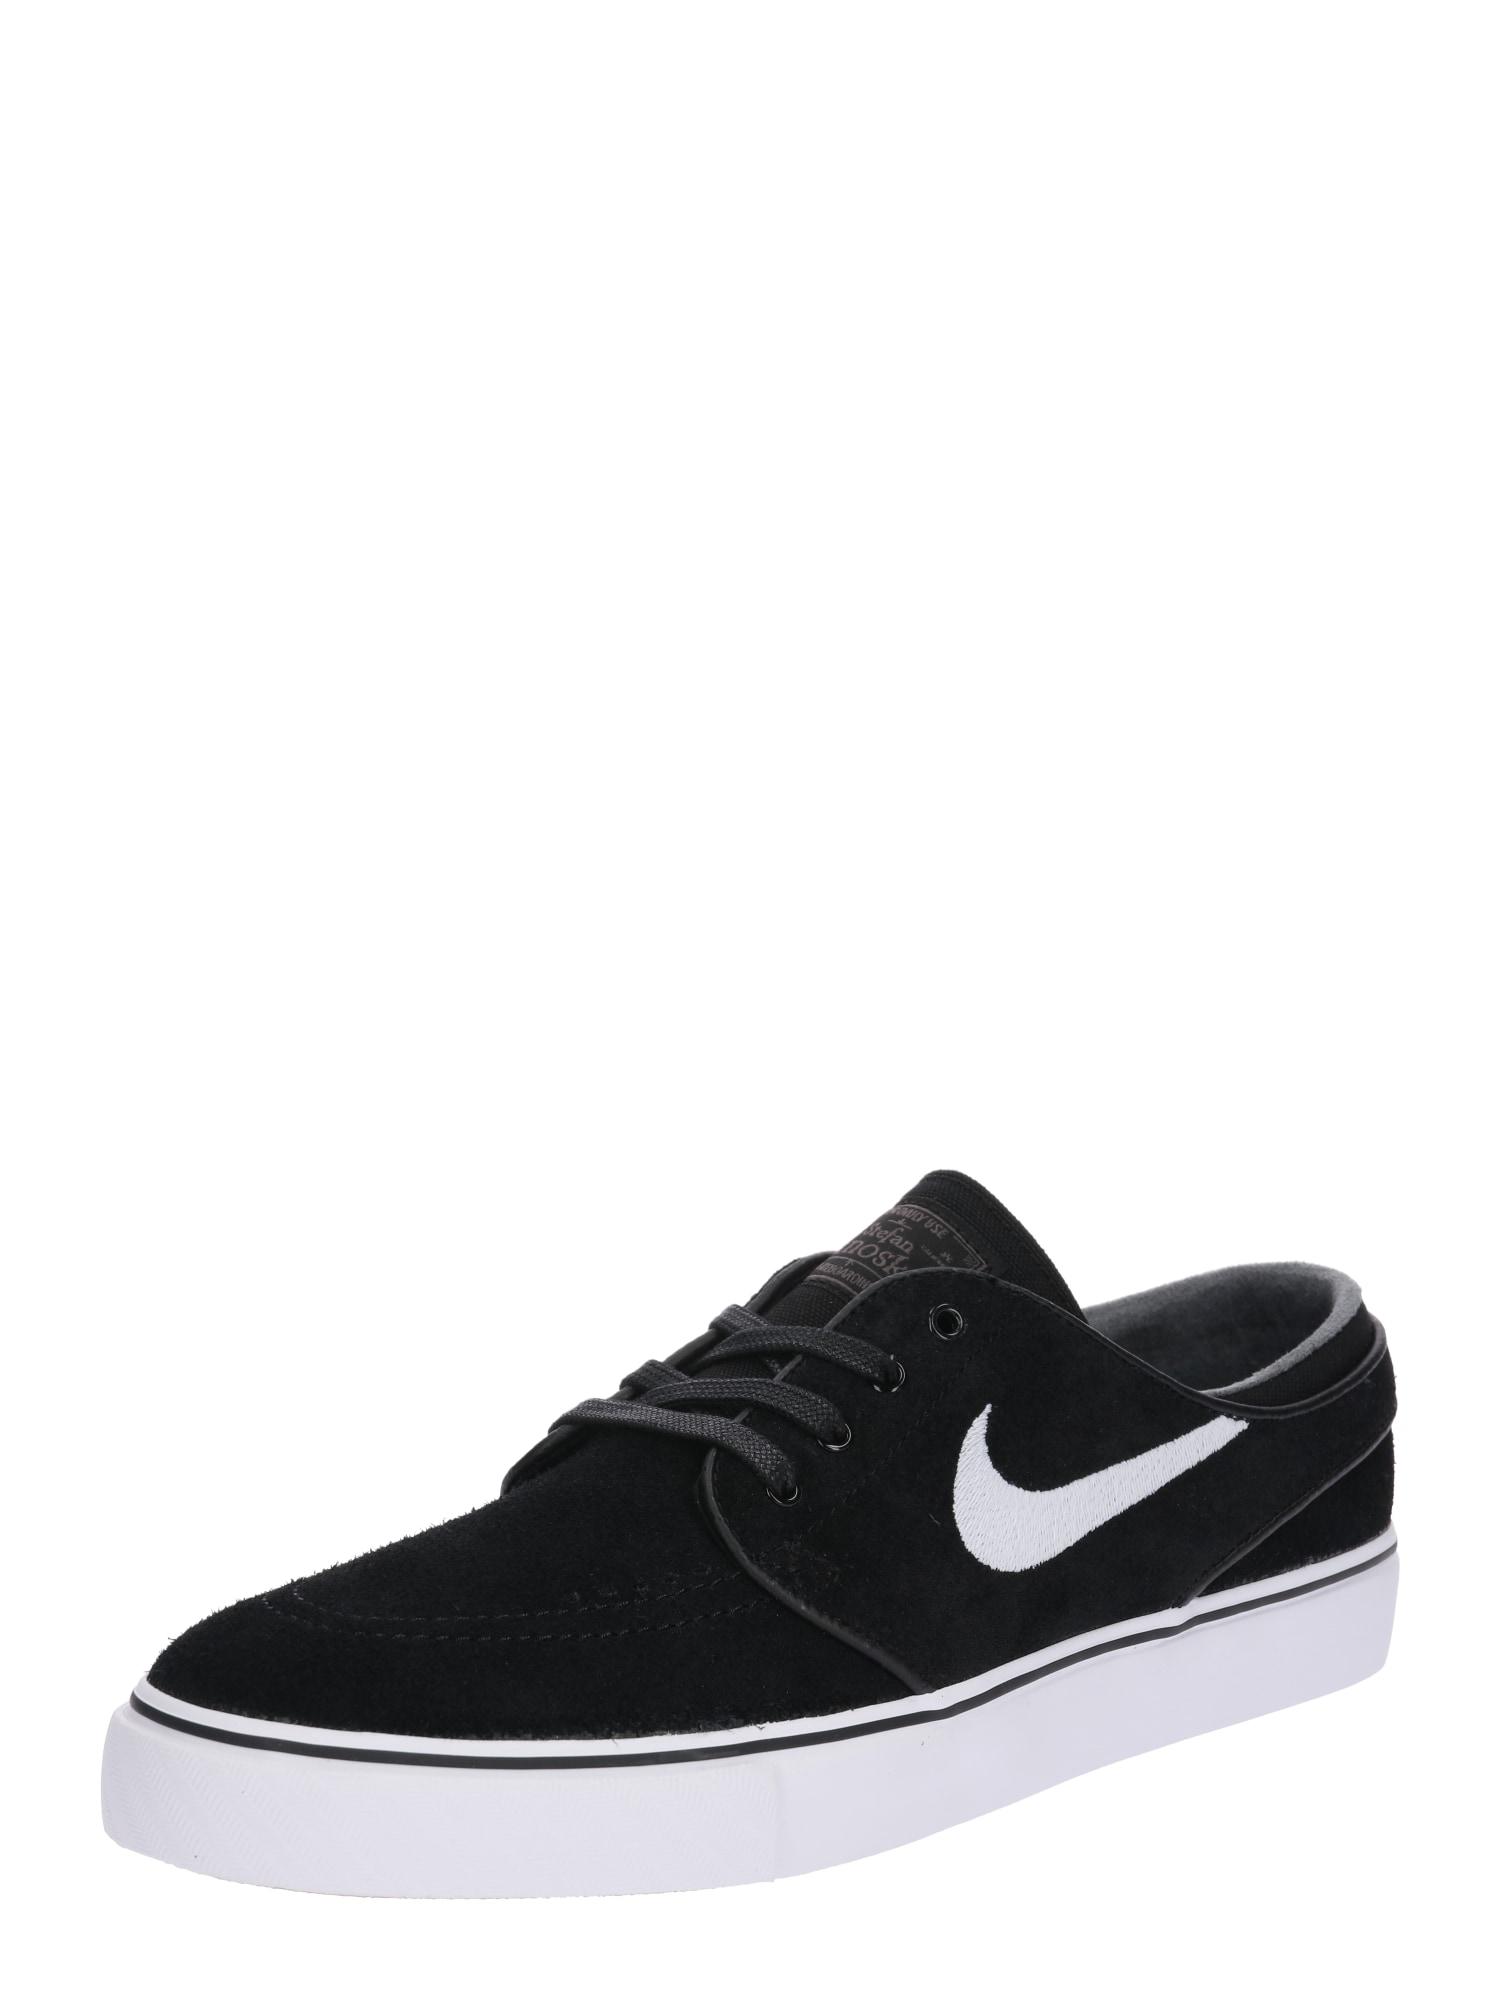 Tenisky Air Zoom Stefan Janoski černá bílá Nike SB